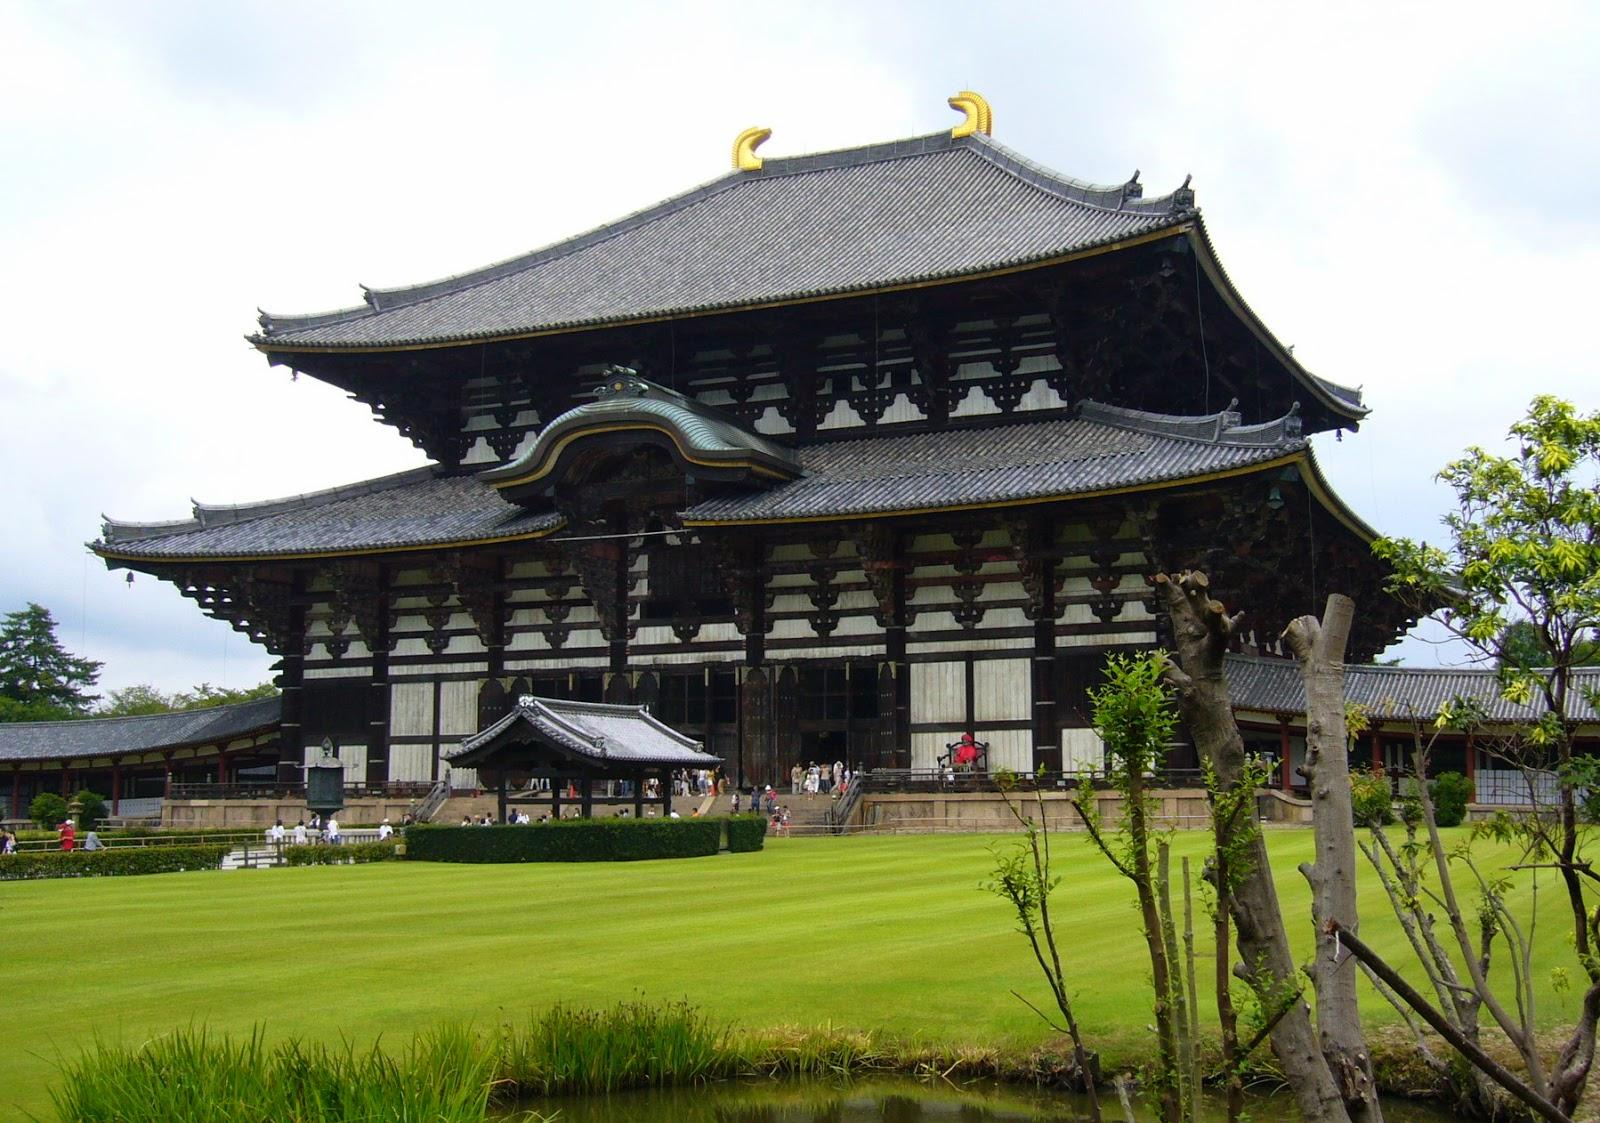 大興旅遊日本行程|旅遊- 大興旅遊日本行程|旅遊 - 快熱資訊 - 走進時代